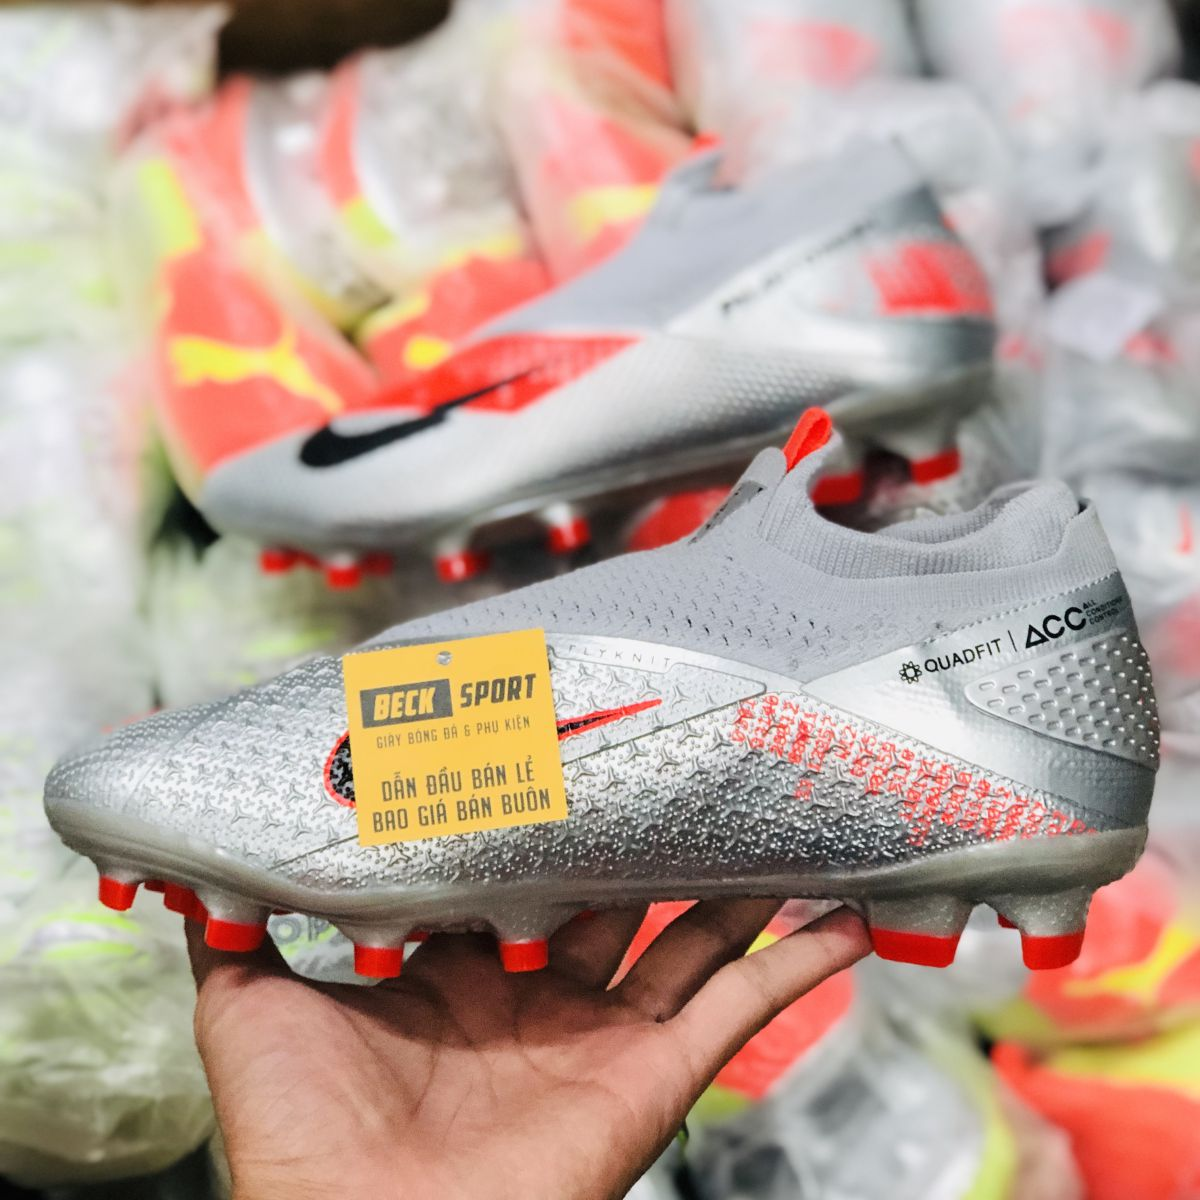 Giày Bóng Đá Nike Phantom VSN II Elite Xám Đỏ Vạch Đen  Giấu Dây Cổ Cao FG